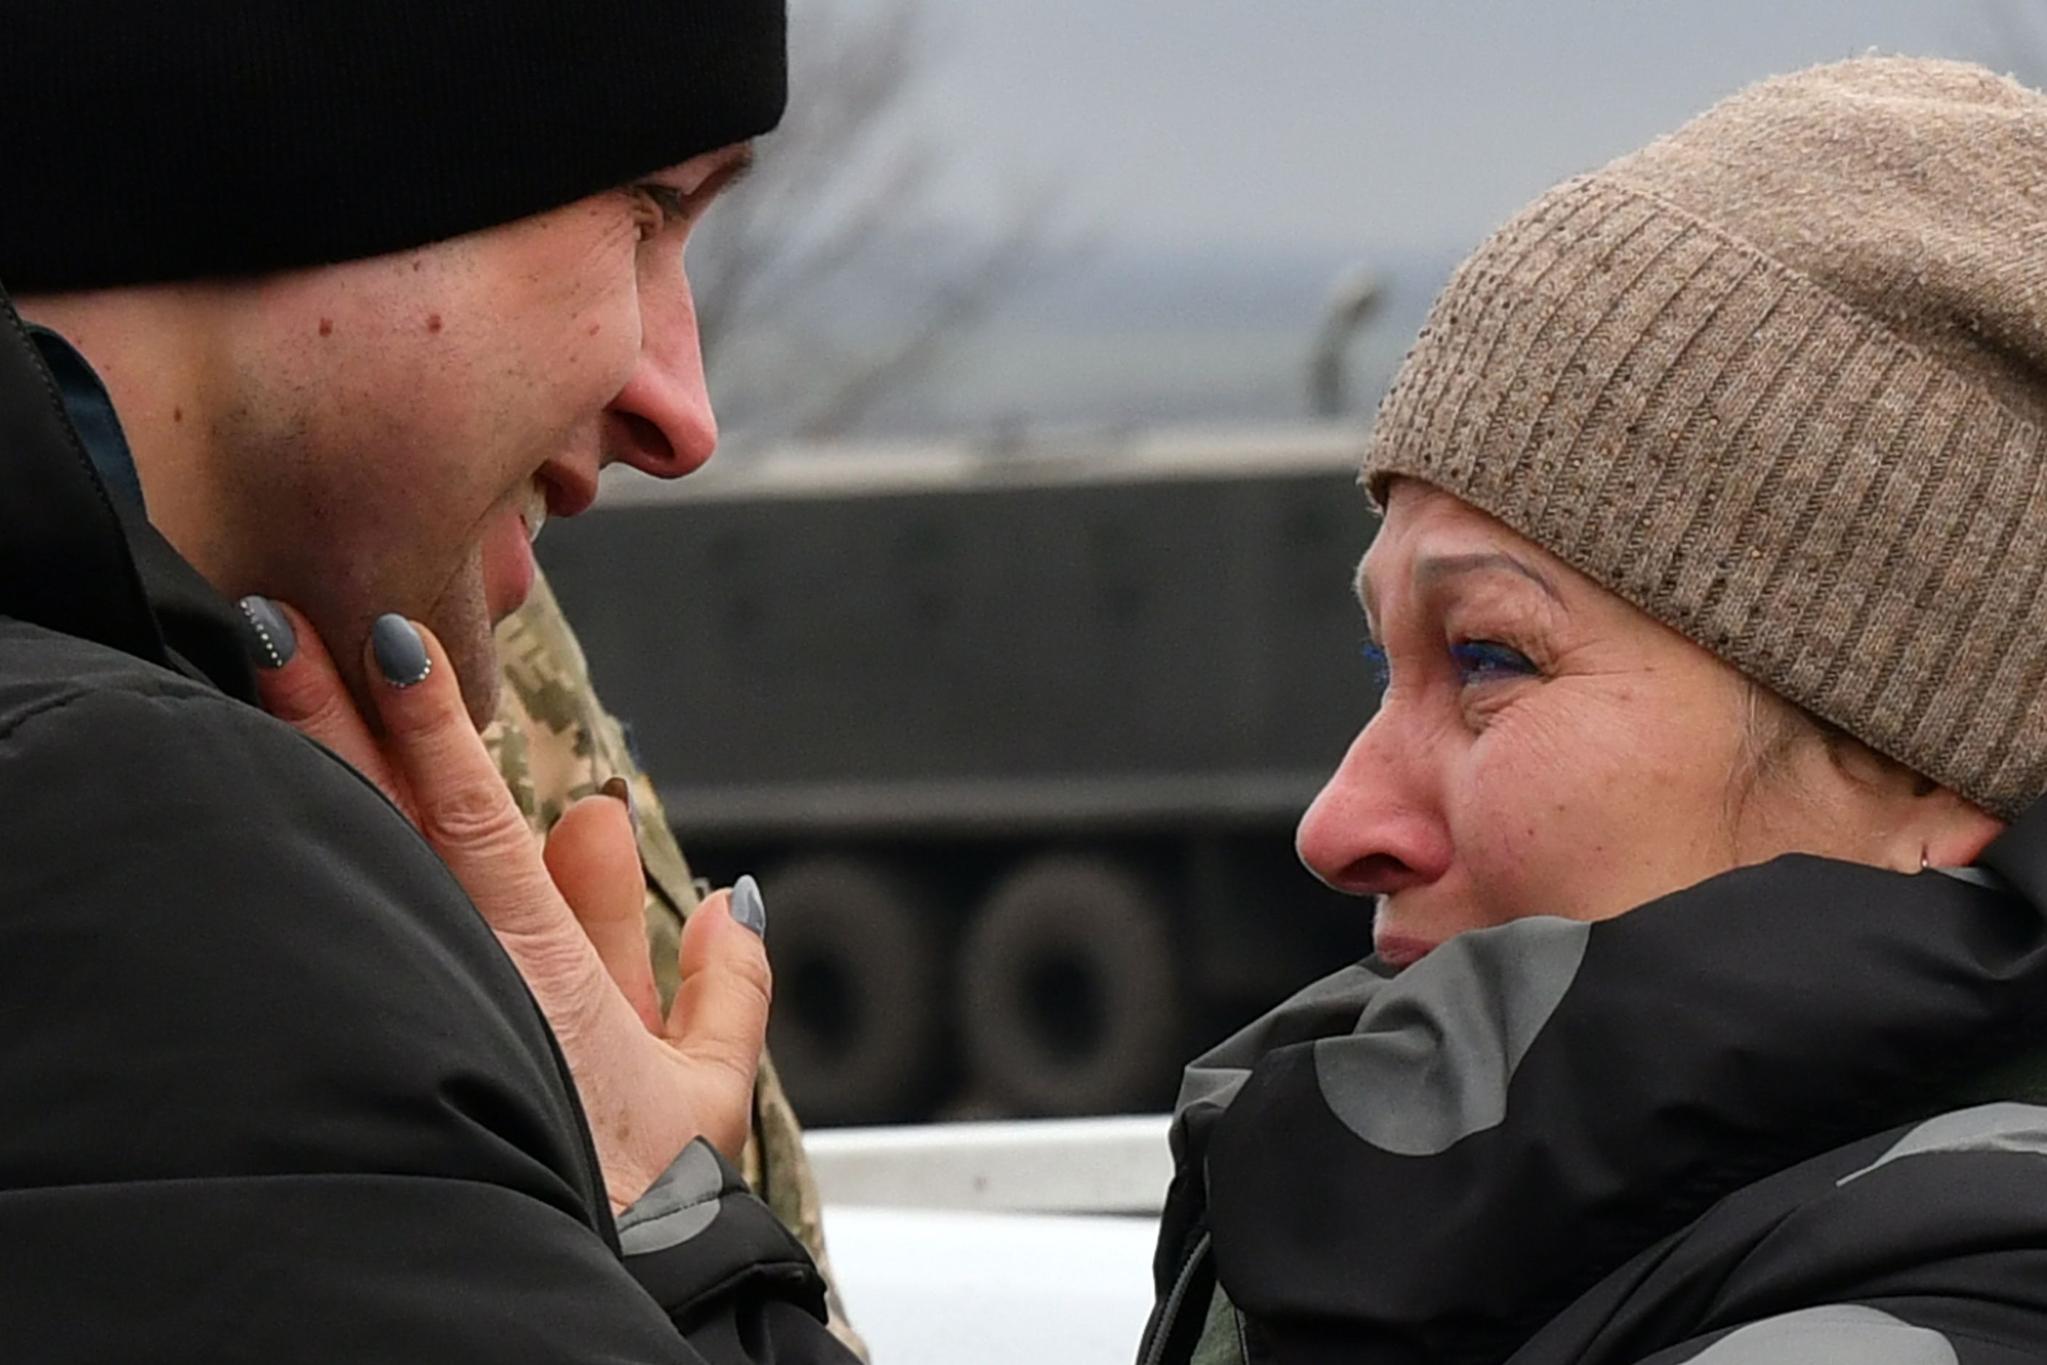 우크라이나인 류드밀라(오른쪽)가 29일(현지시간) 마요르스크 검문소에서 열린 우크라이나와 분리 반군간의 포로교환에서 이날 무사히 풀려난 아들 이반 카티셰프를 보자마자 눈물을 흘리고 있다. [AFP=연합뉴스]